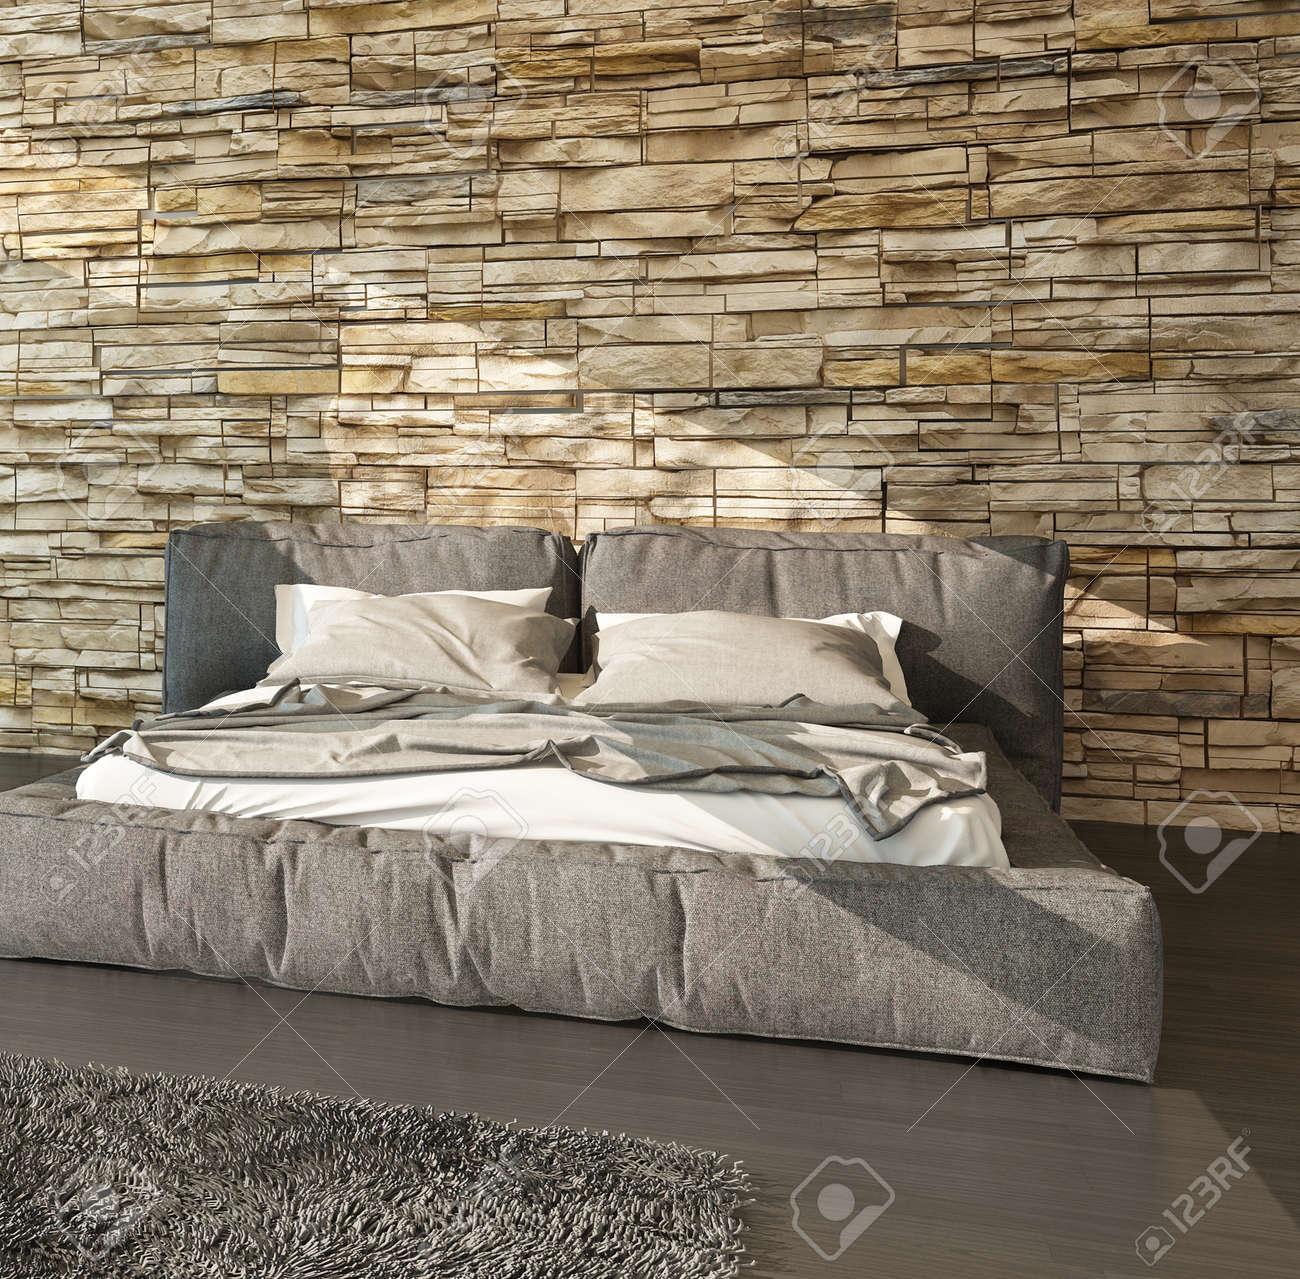 Lit moderne avec tête de lit rembourrée rembourrée et de pied dans les tons  de brun contre un mur texturé finition pierre brute dans un intérieur de ...